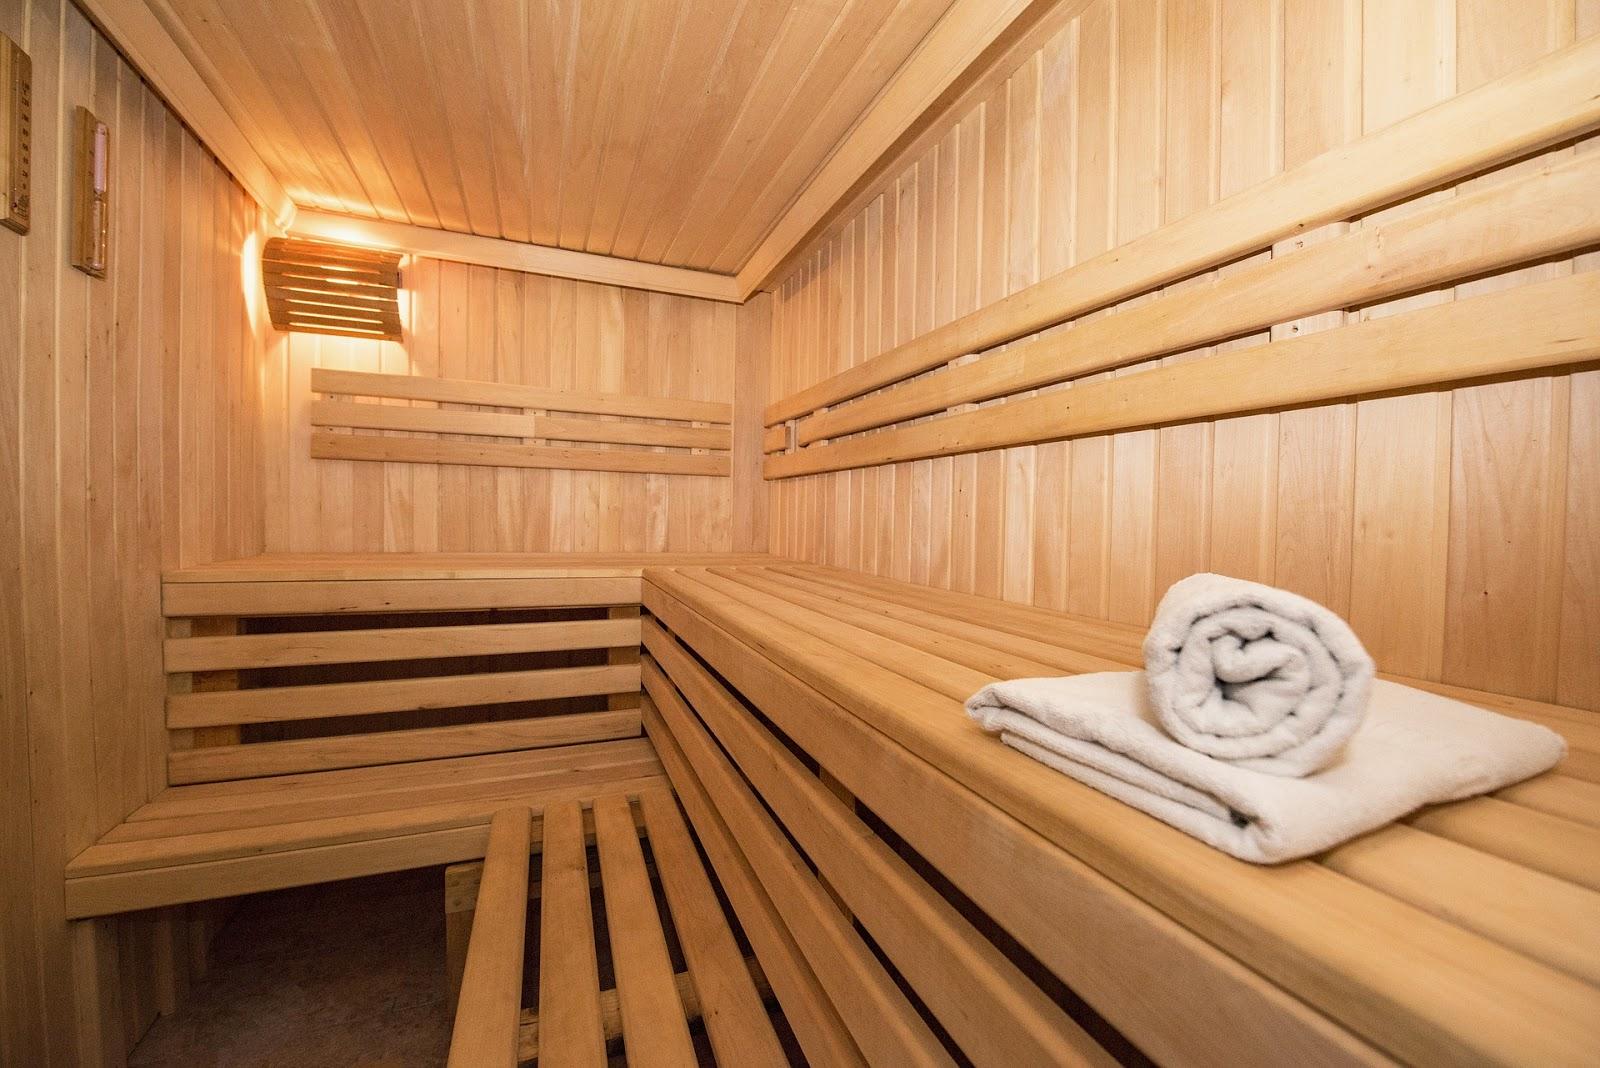 Sauna po treningu czy w dzień nietreningowy?